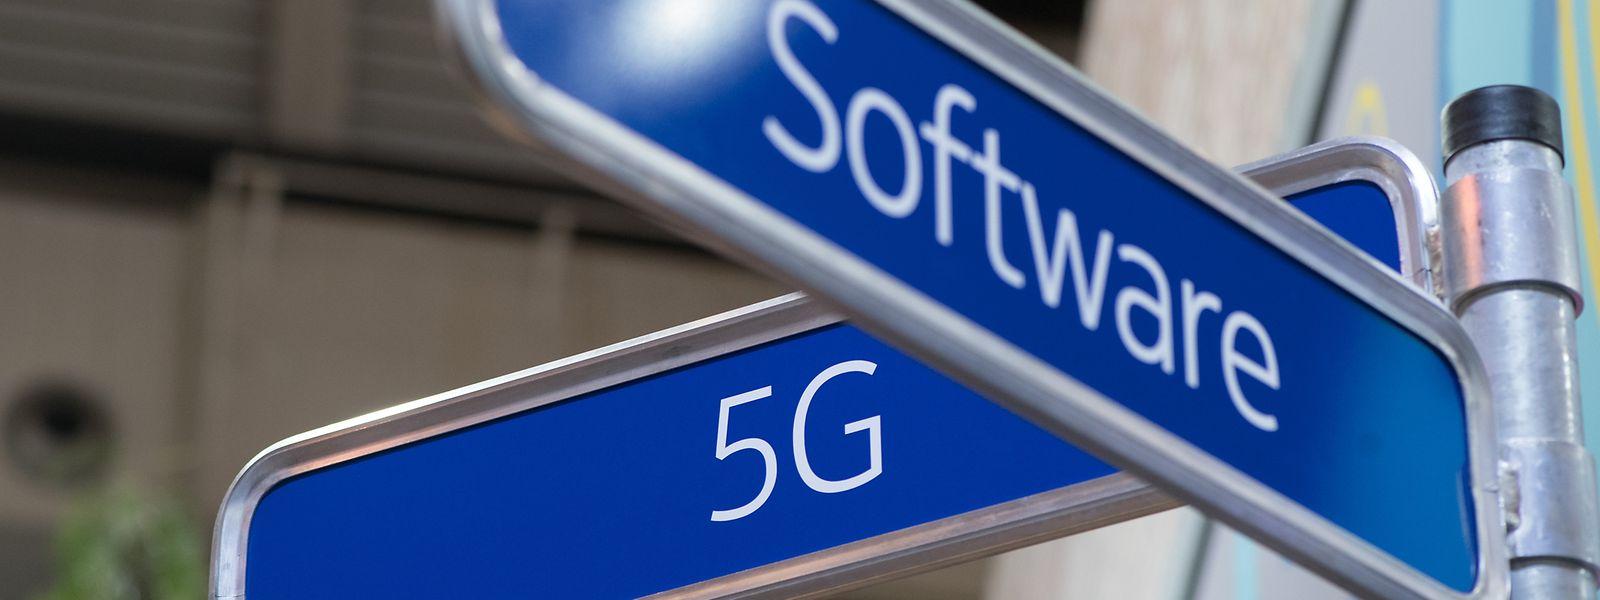 Wohin geht die Reise bei 5G?Der Nachfolgestandard für 4G(LTE) ist großes Thema auf dem Mobile World Congress in Barcelona (bis 1. März). Sind die Netze einmal aufgebaut, können Nutzer vor allem mit einer Sache rechnen:mehr Tempo.